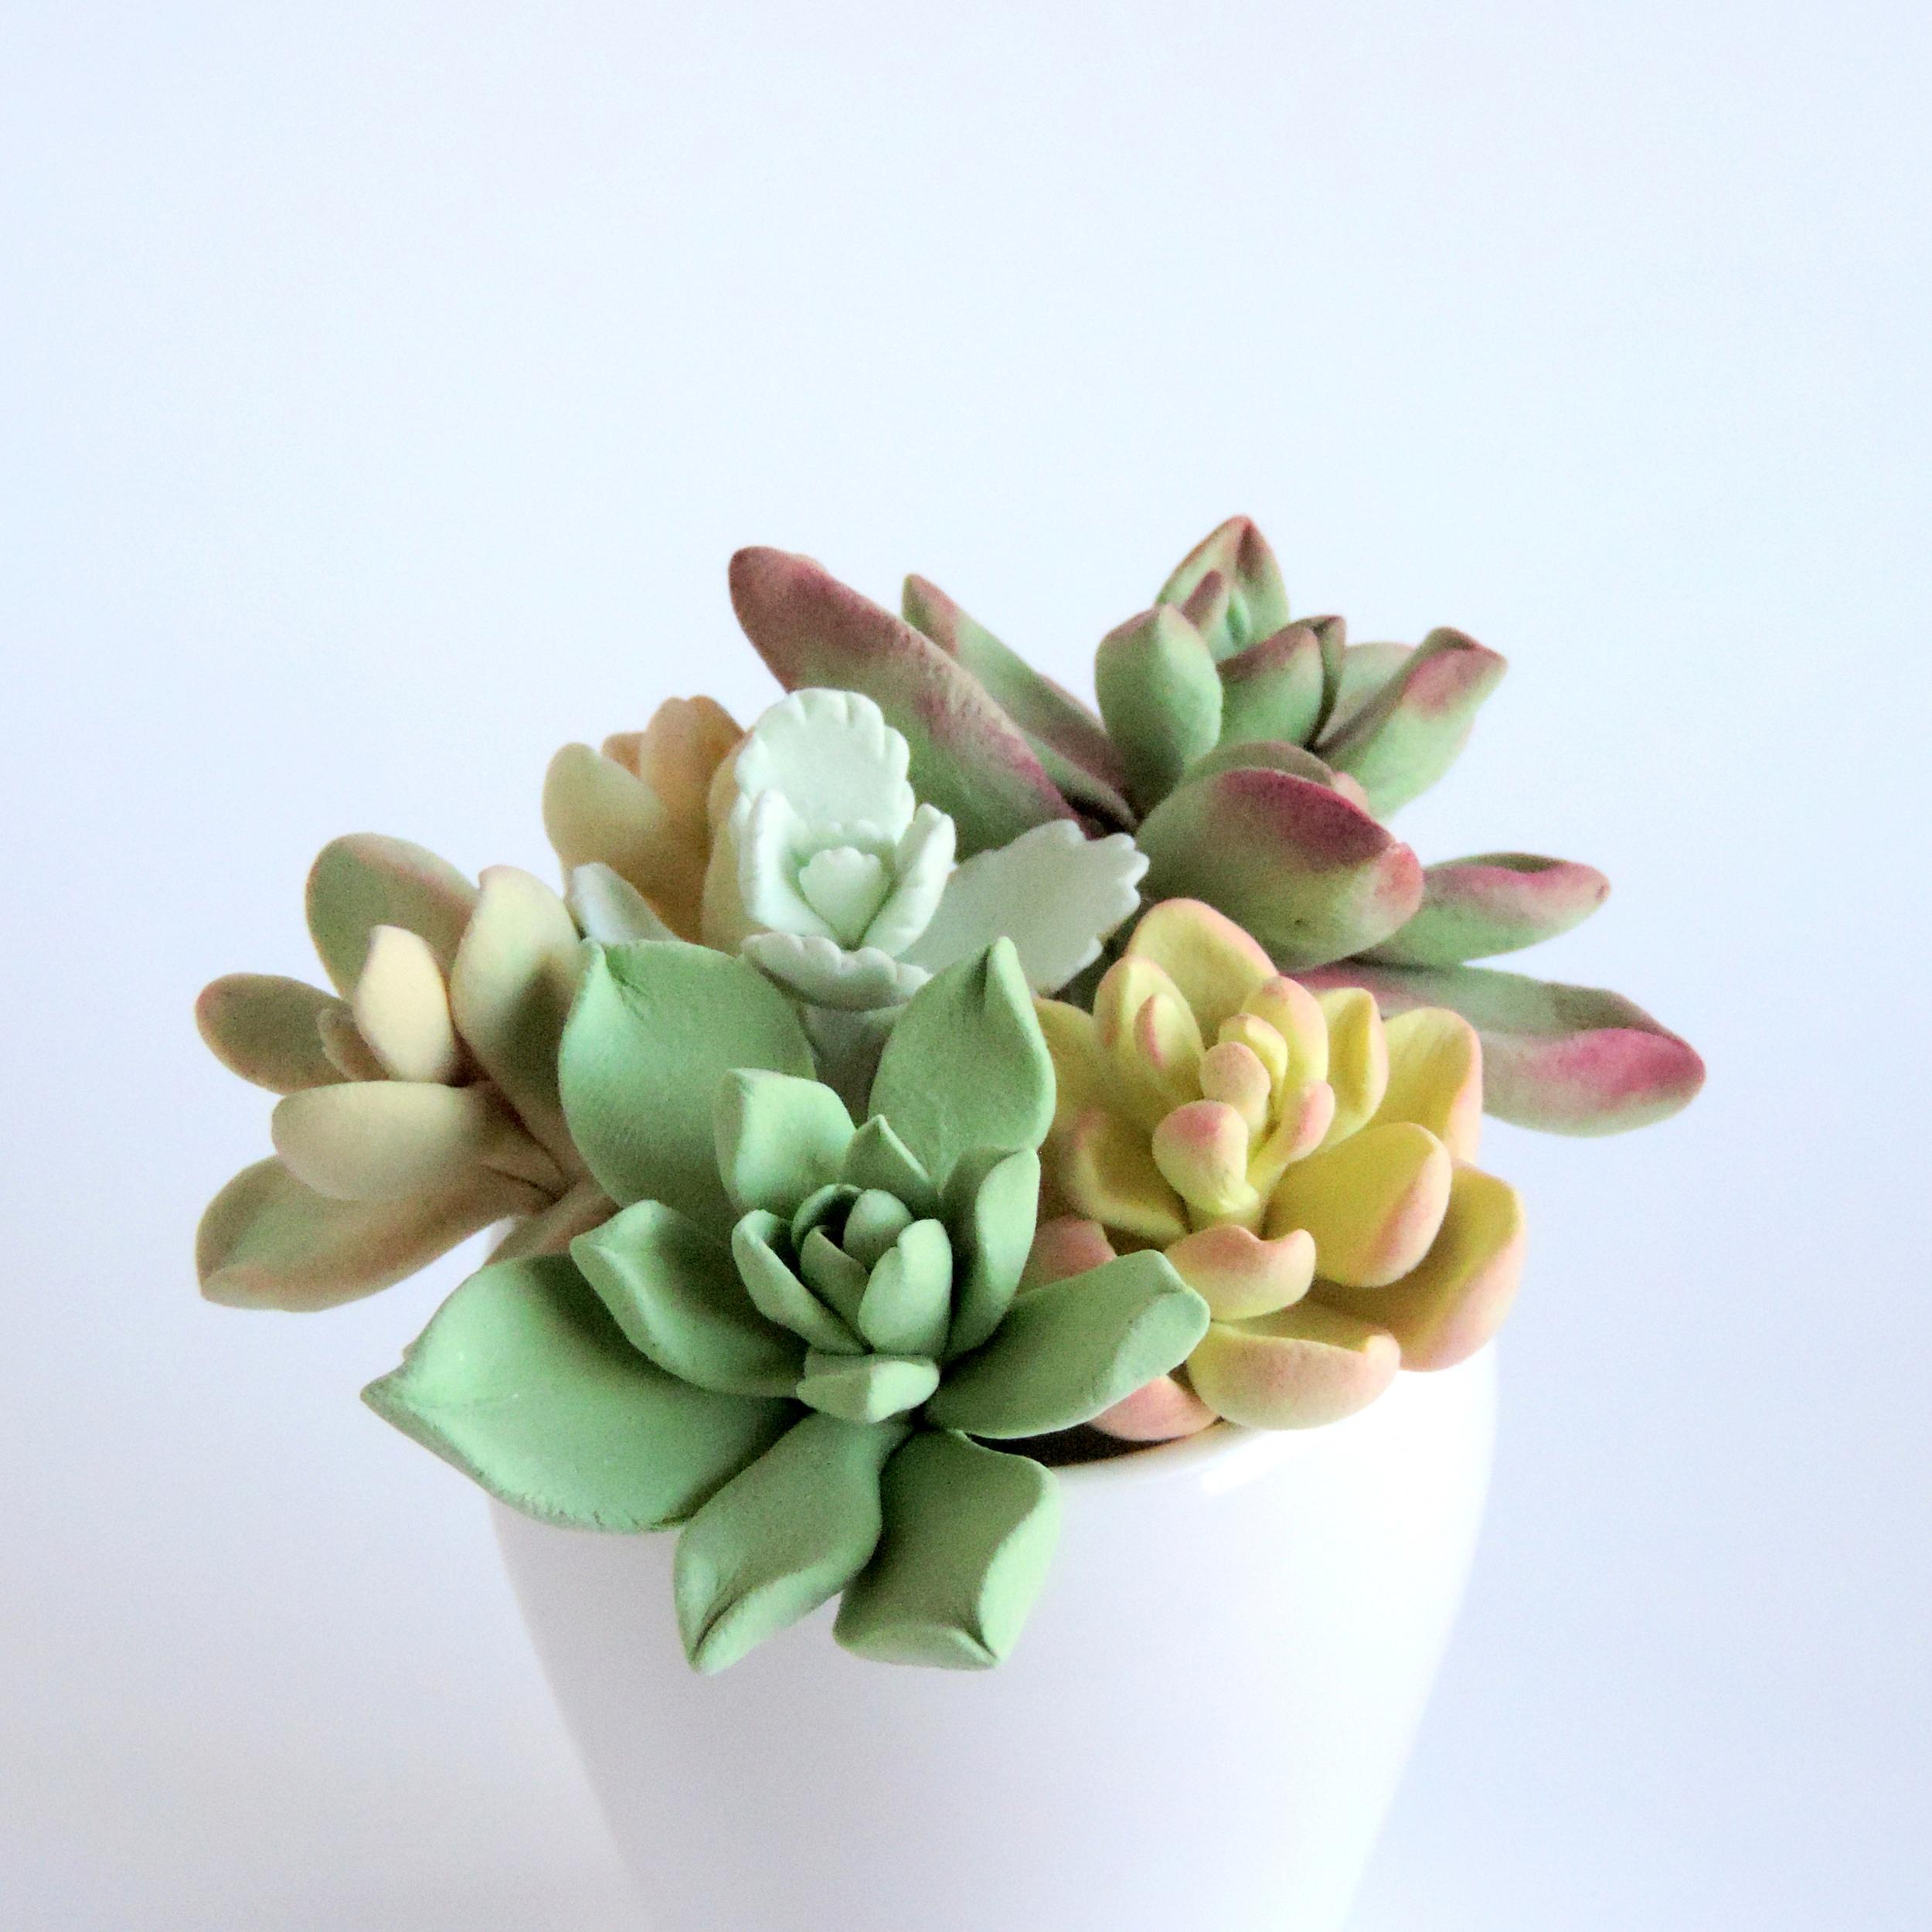 Succulent_01.jpg